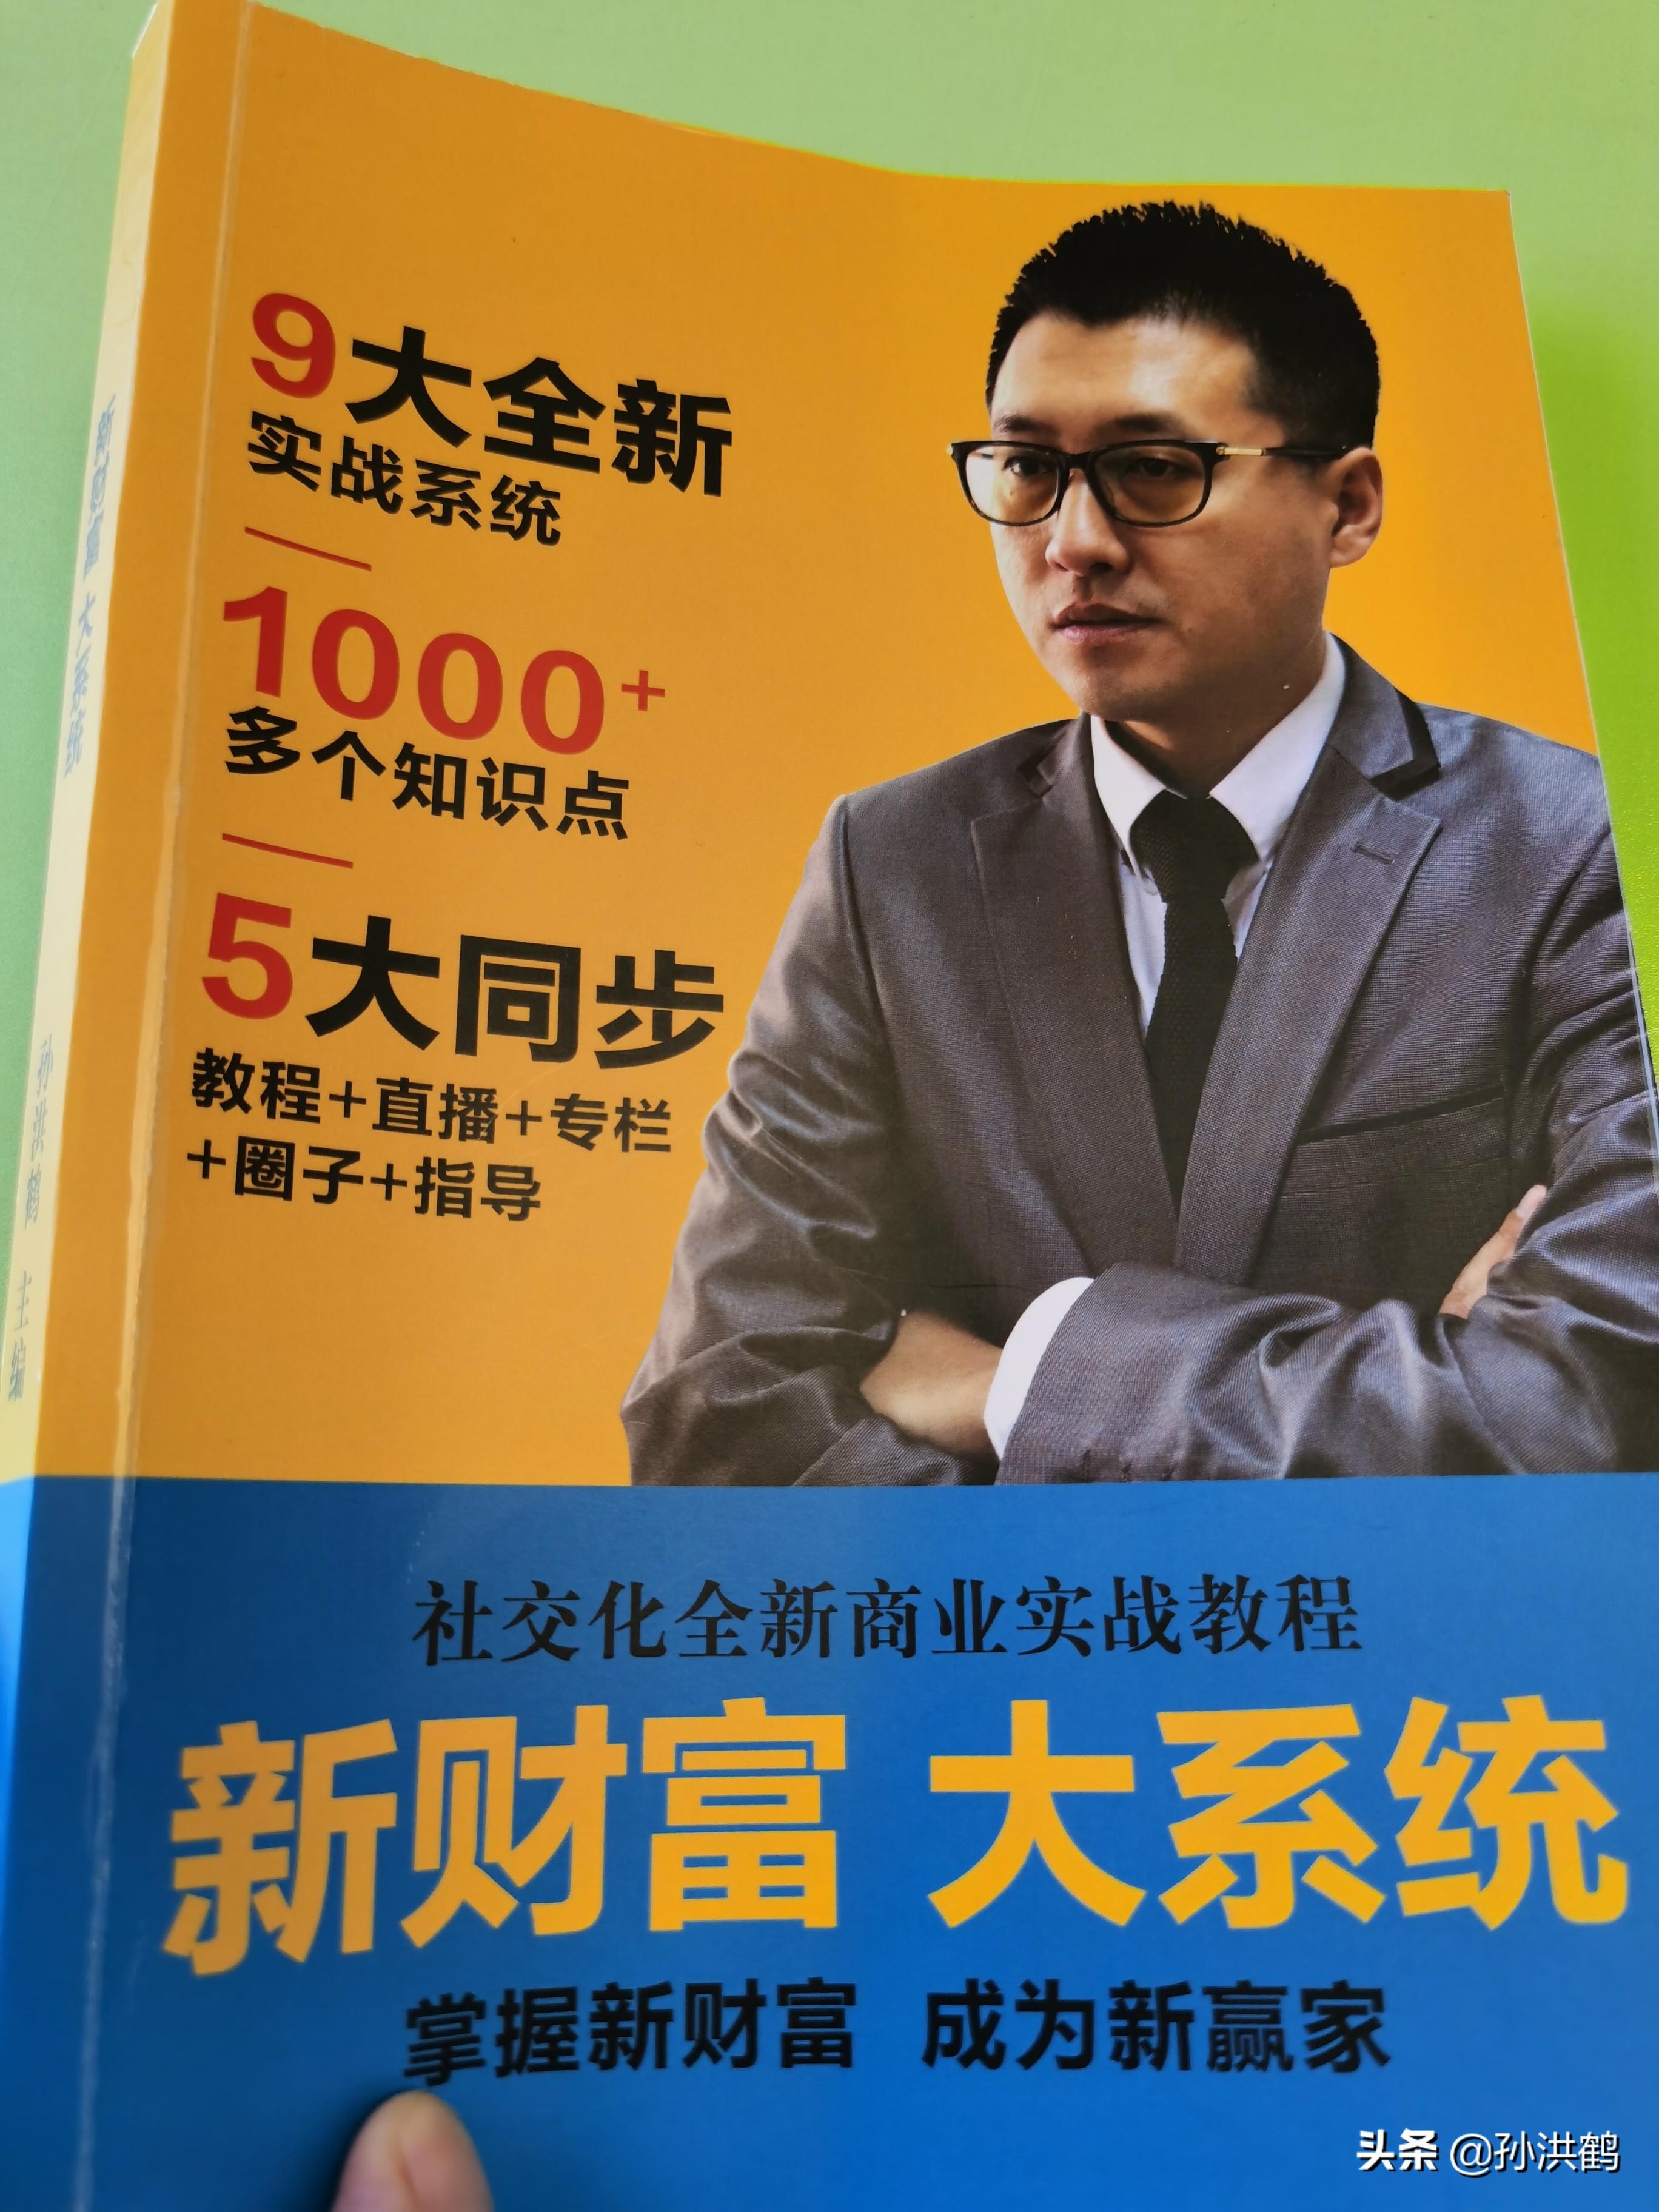 孙红河:新财富的概念淘汰了一大批急于赚钱的人。为什么这么说?